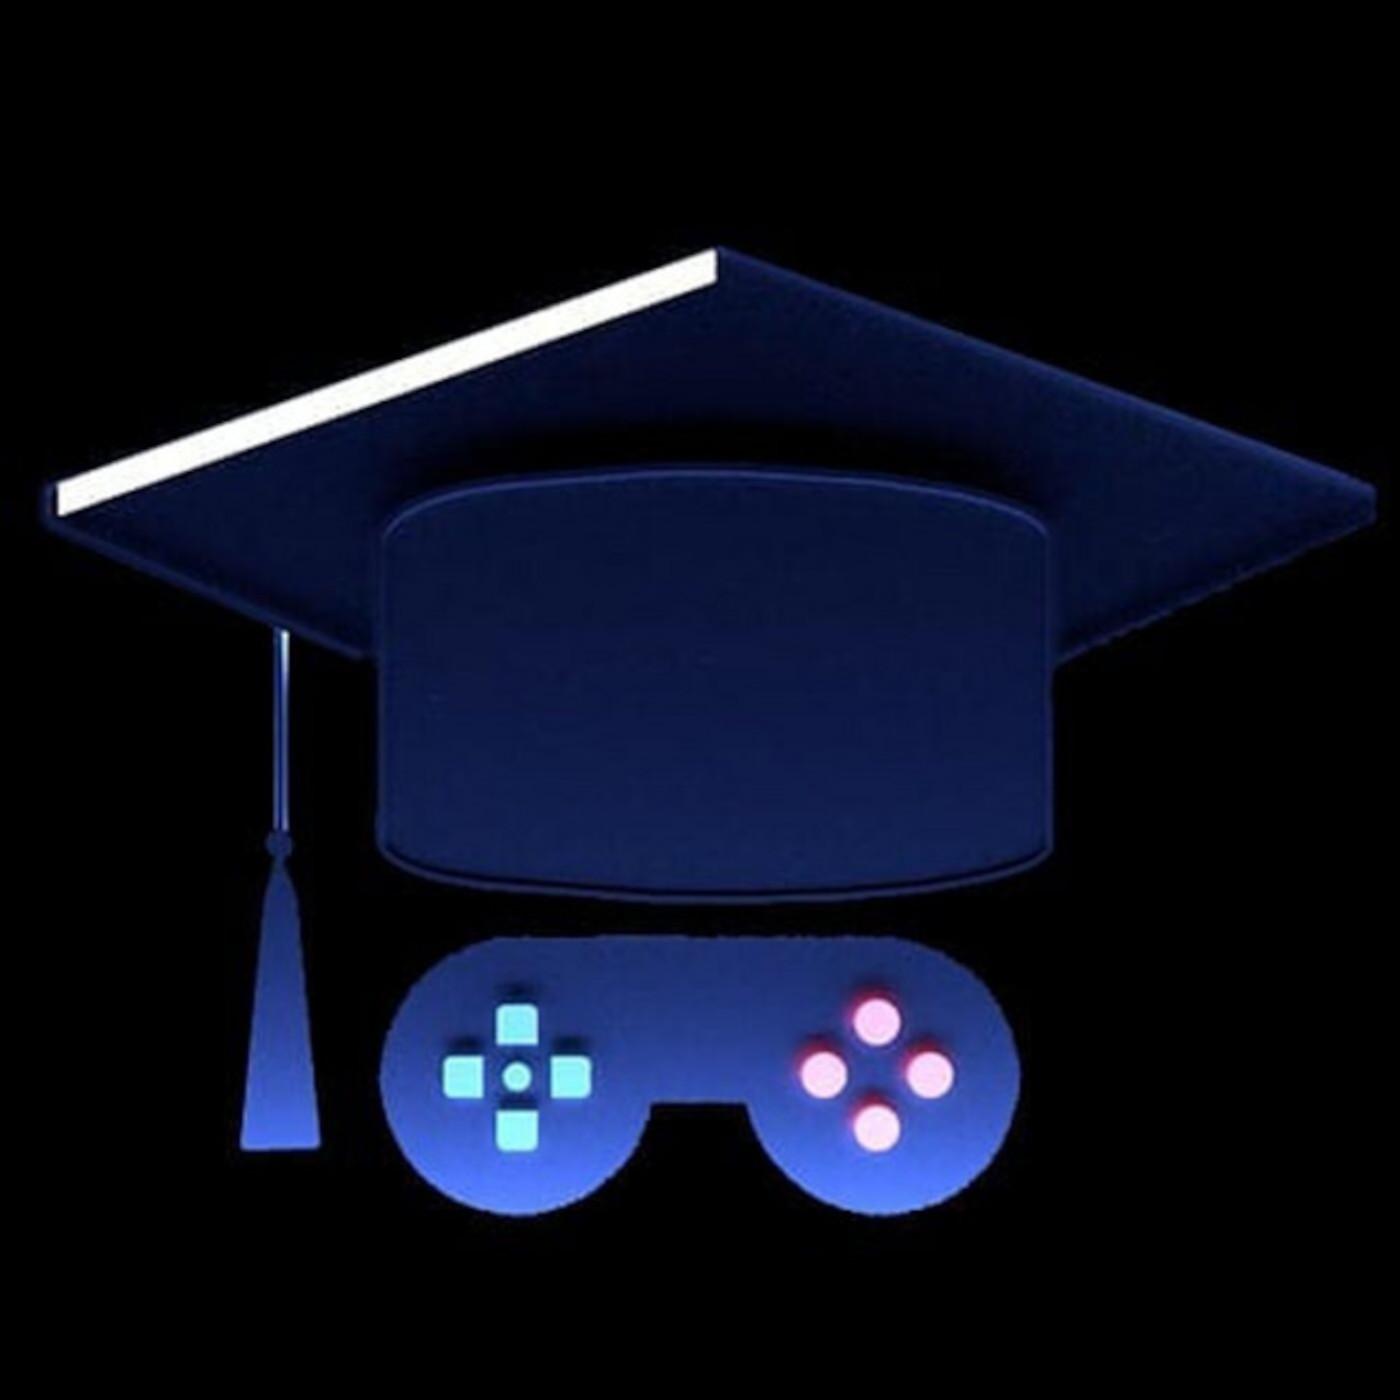 Gamercampus